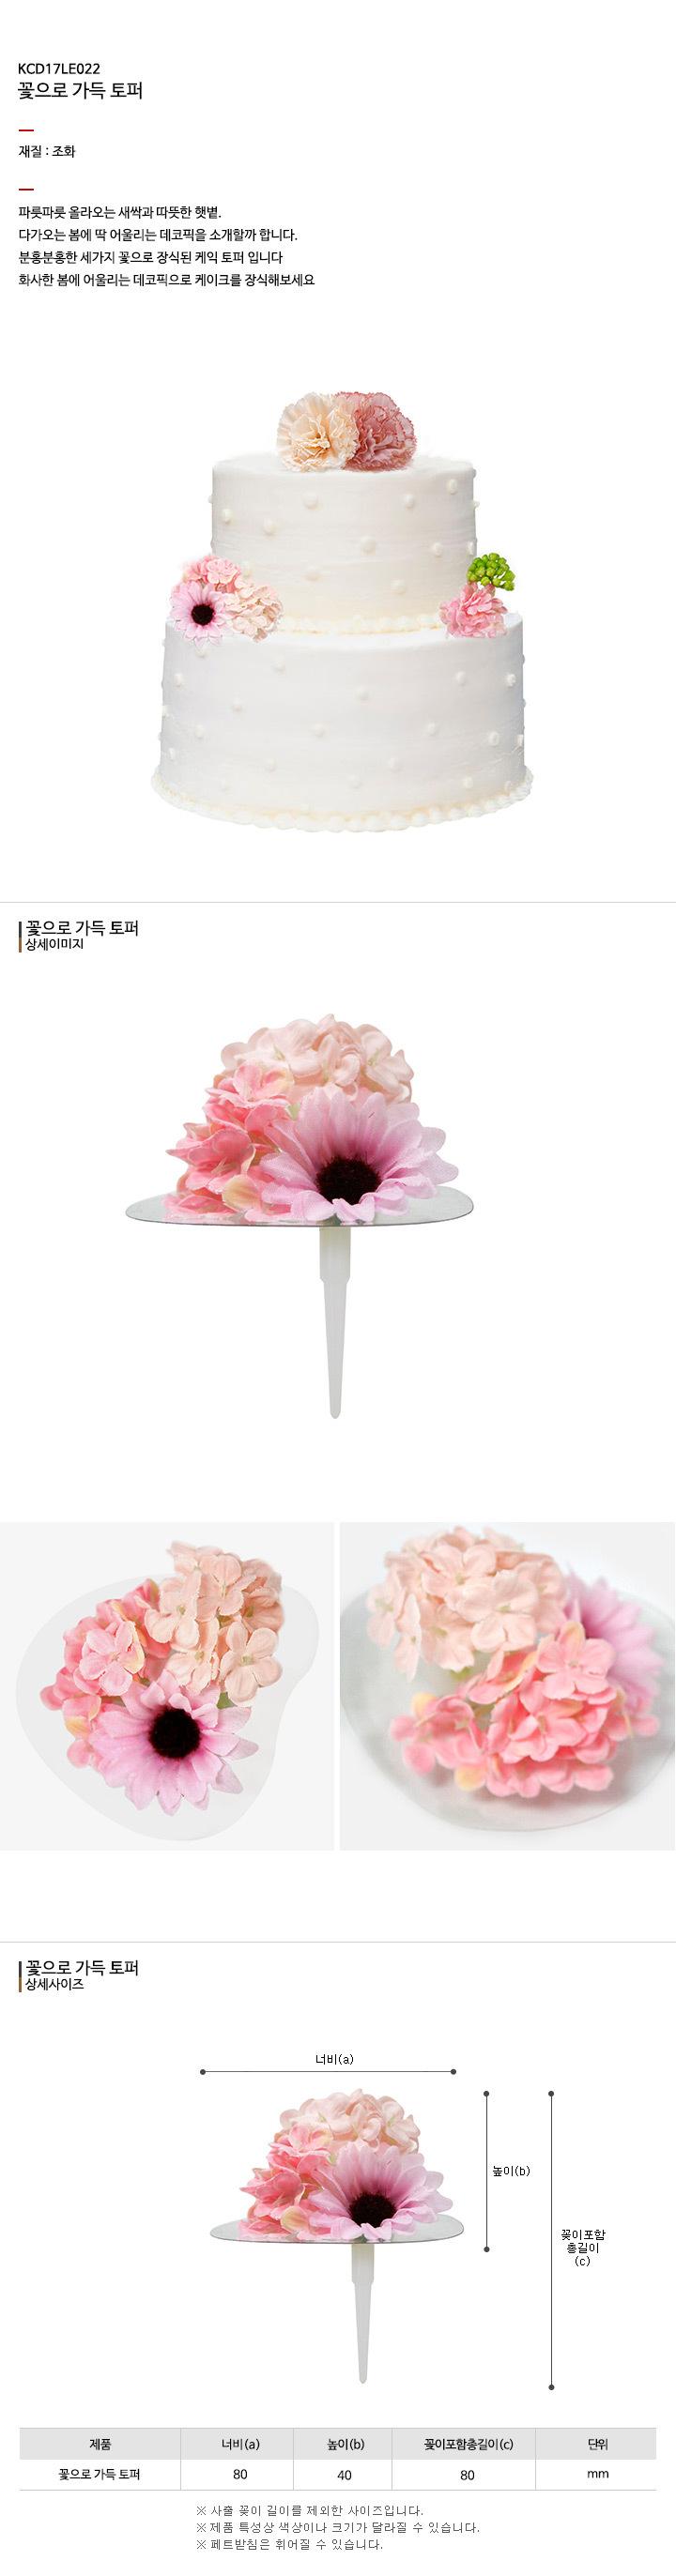 꽃장식 B세트 10개묶음 - 토다스, 20,900원, 파티용품, 데코/장식용품